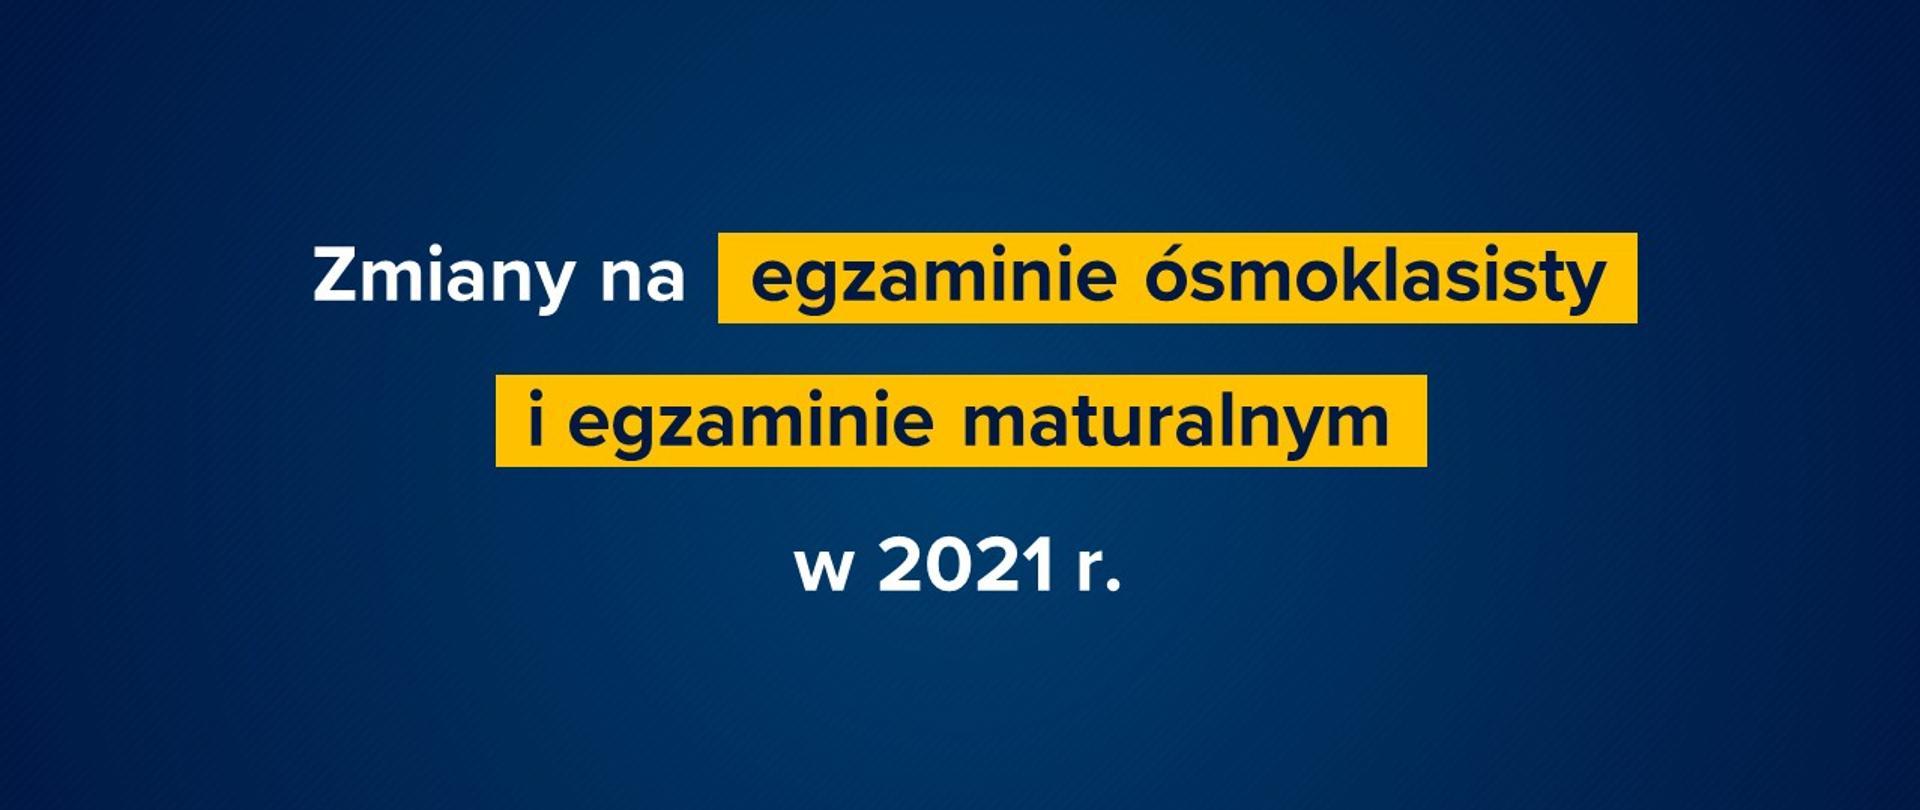 """Granatowe tło z tekstem """"Zmiany na egzaminie ósmoklasisty i egzaminie maturalnym w 2021 r."""""""